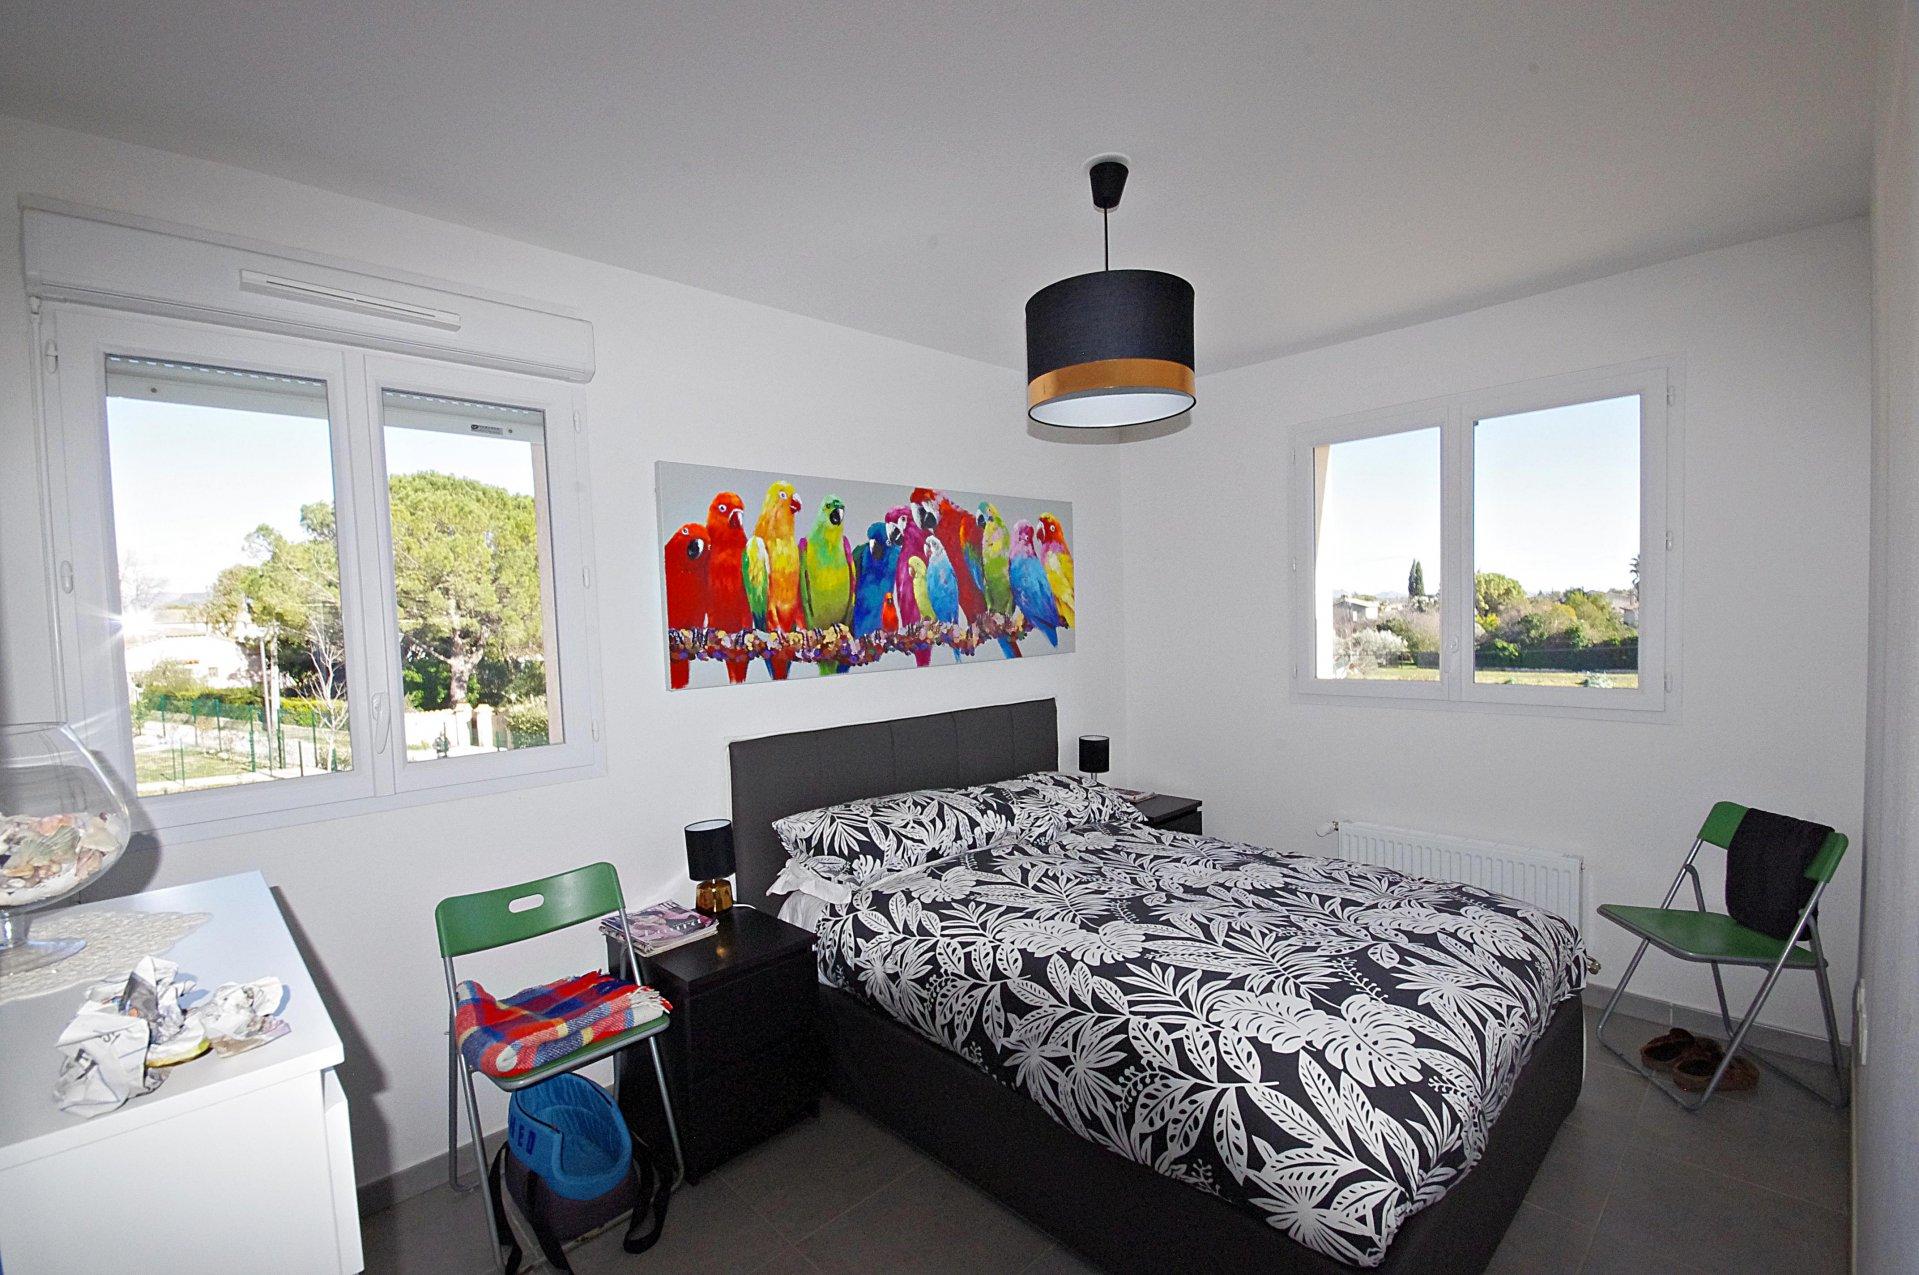 58 m2 3 zimmer haus zu verkaufen. Black Bedroom Furniture Sets. Home Design Ideas